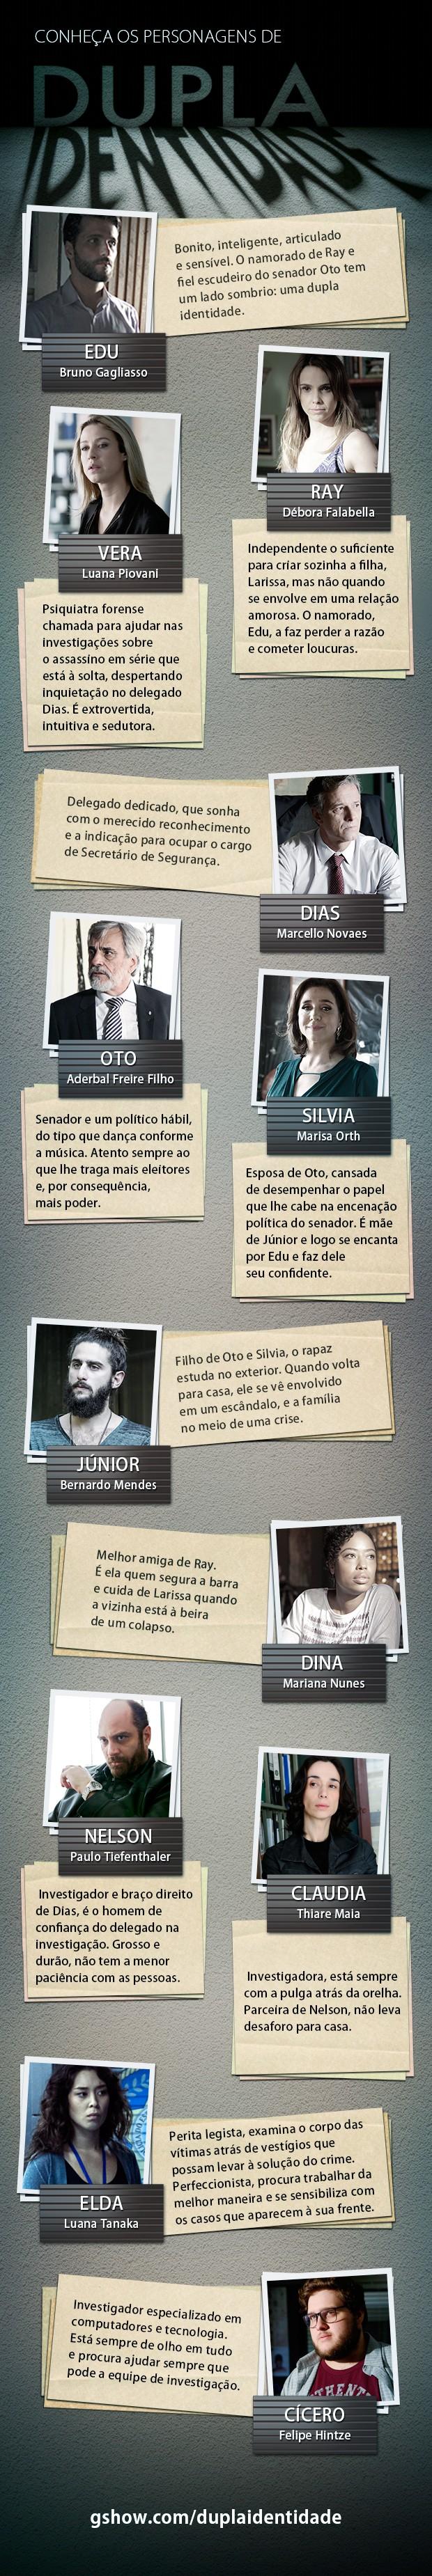 Personagens de Dupla Identidade (Foto: Dupla Identidade / TV Globo)